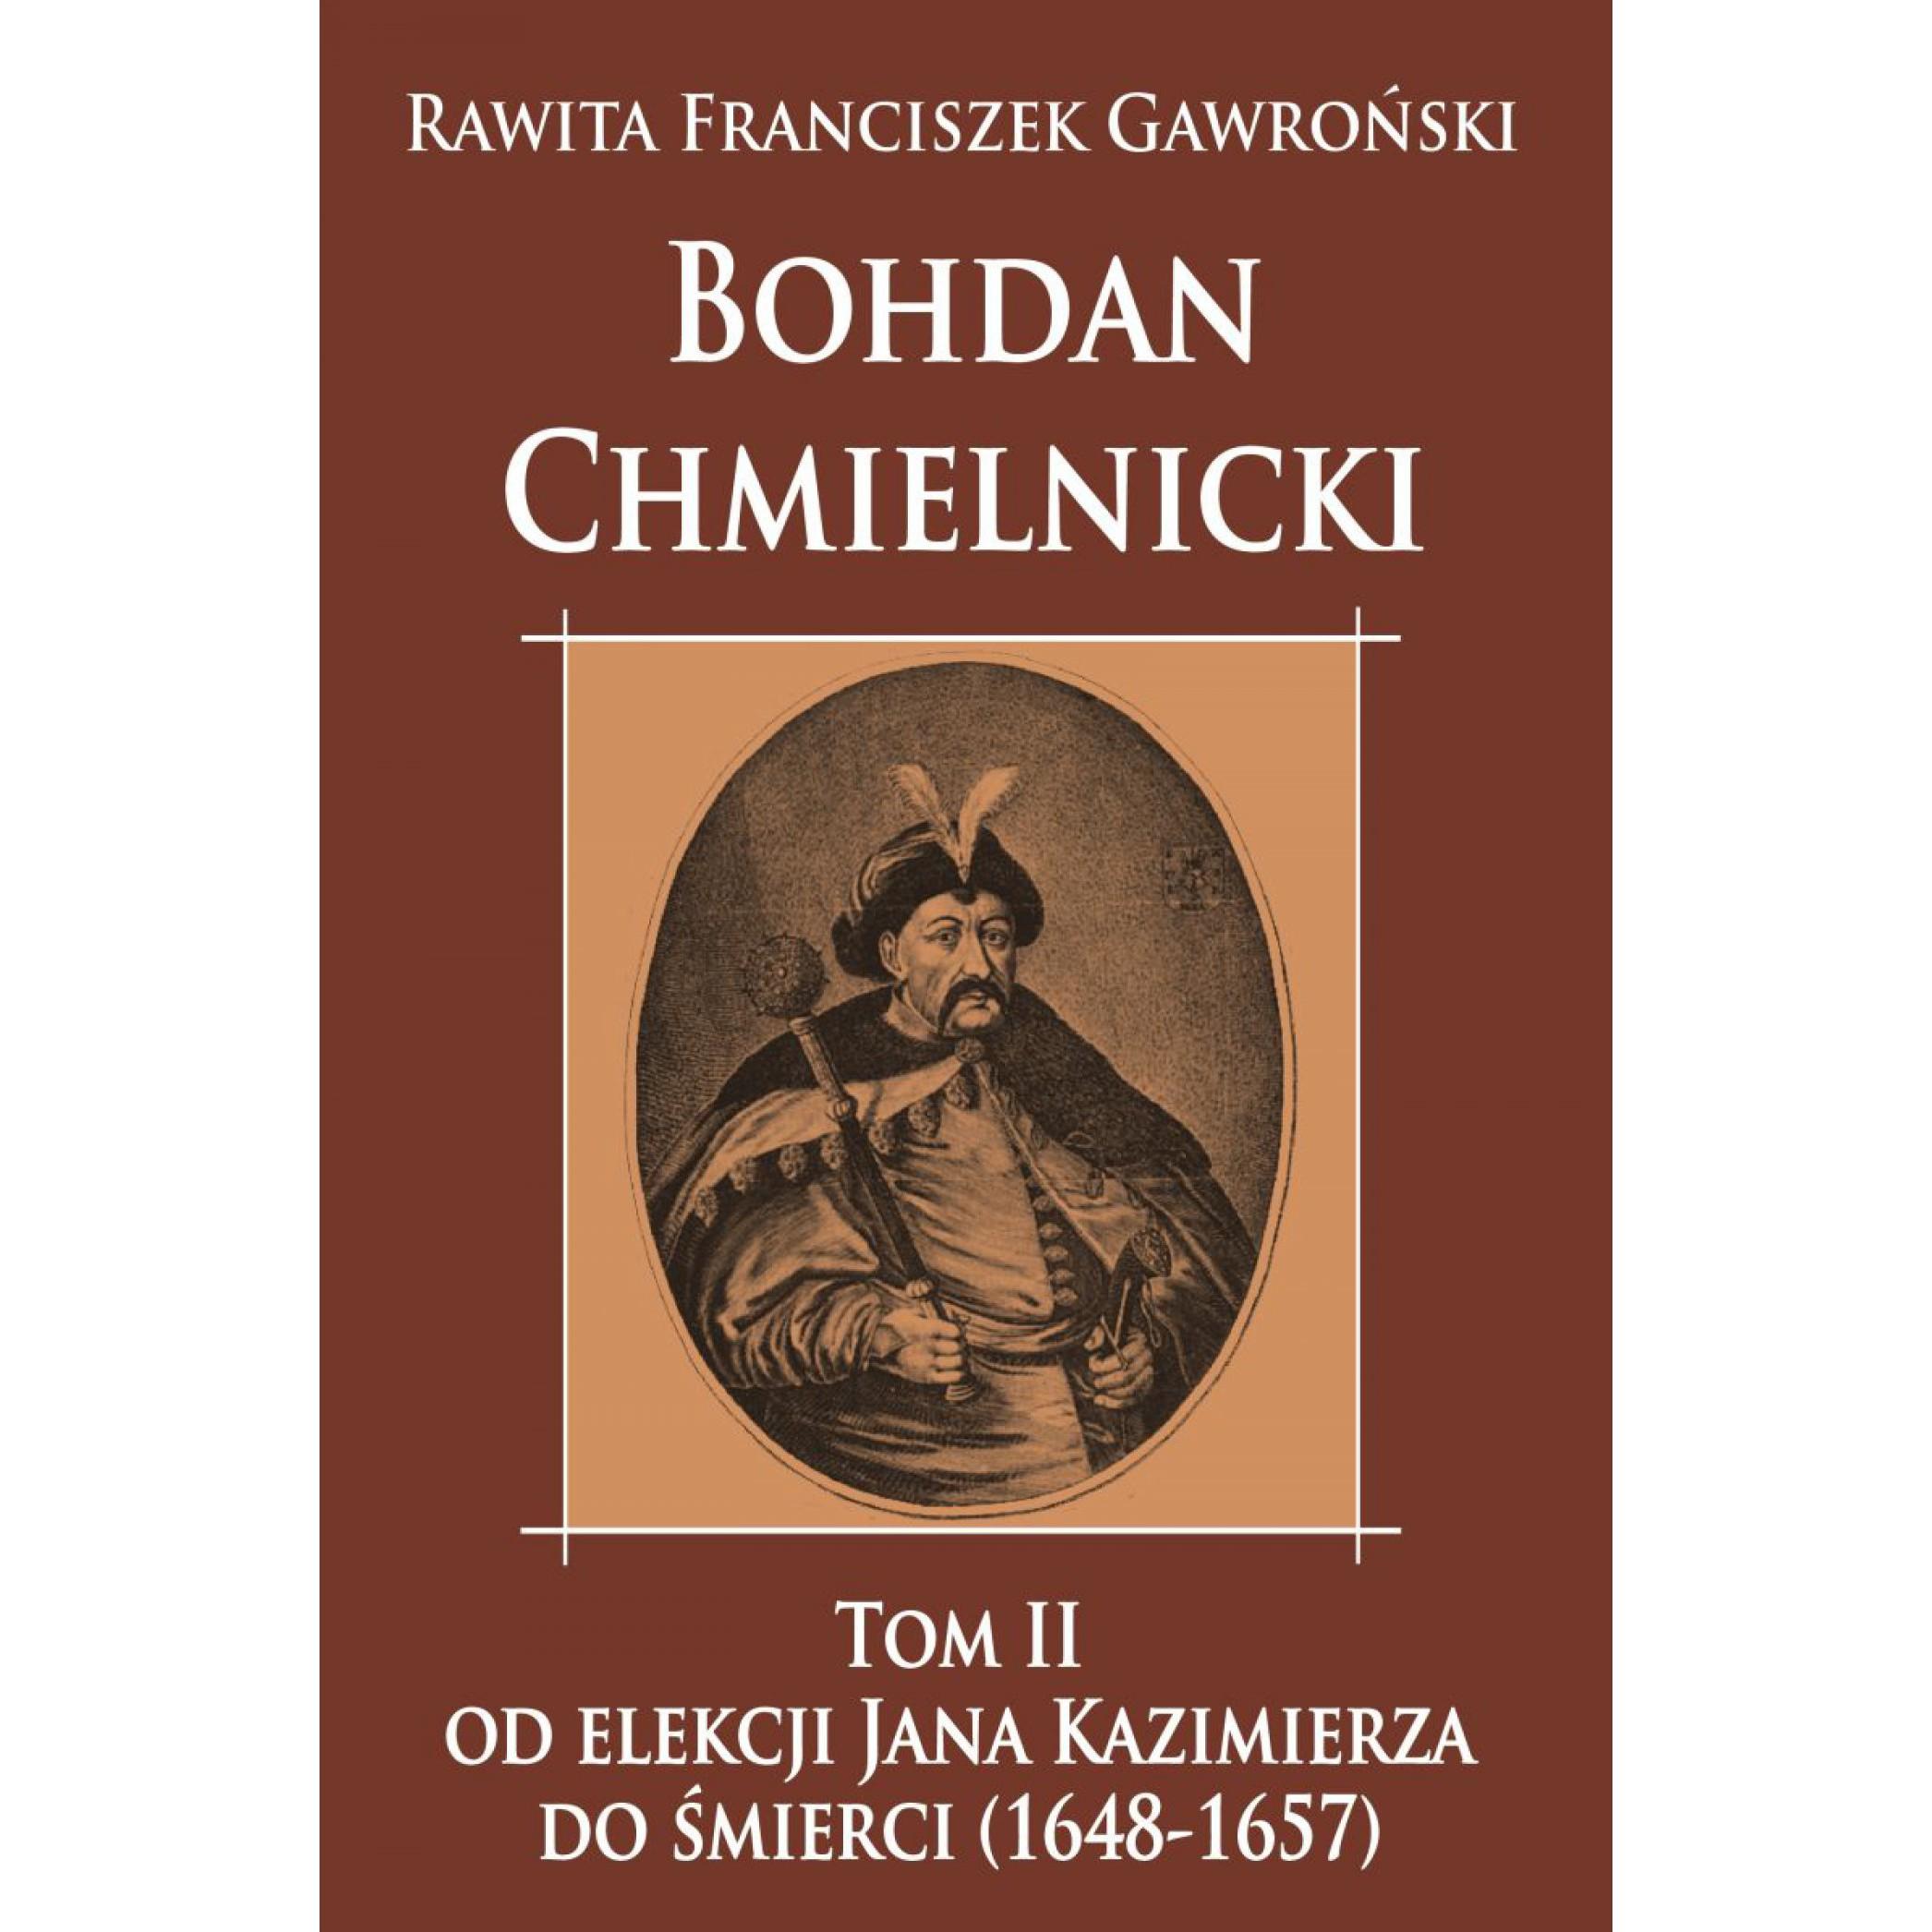 Bohdan Chmielnicki od elekcji Jana Kazimierza do śmierci (1648-1657) tom II